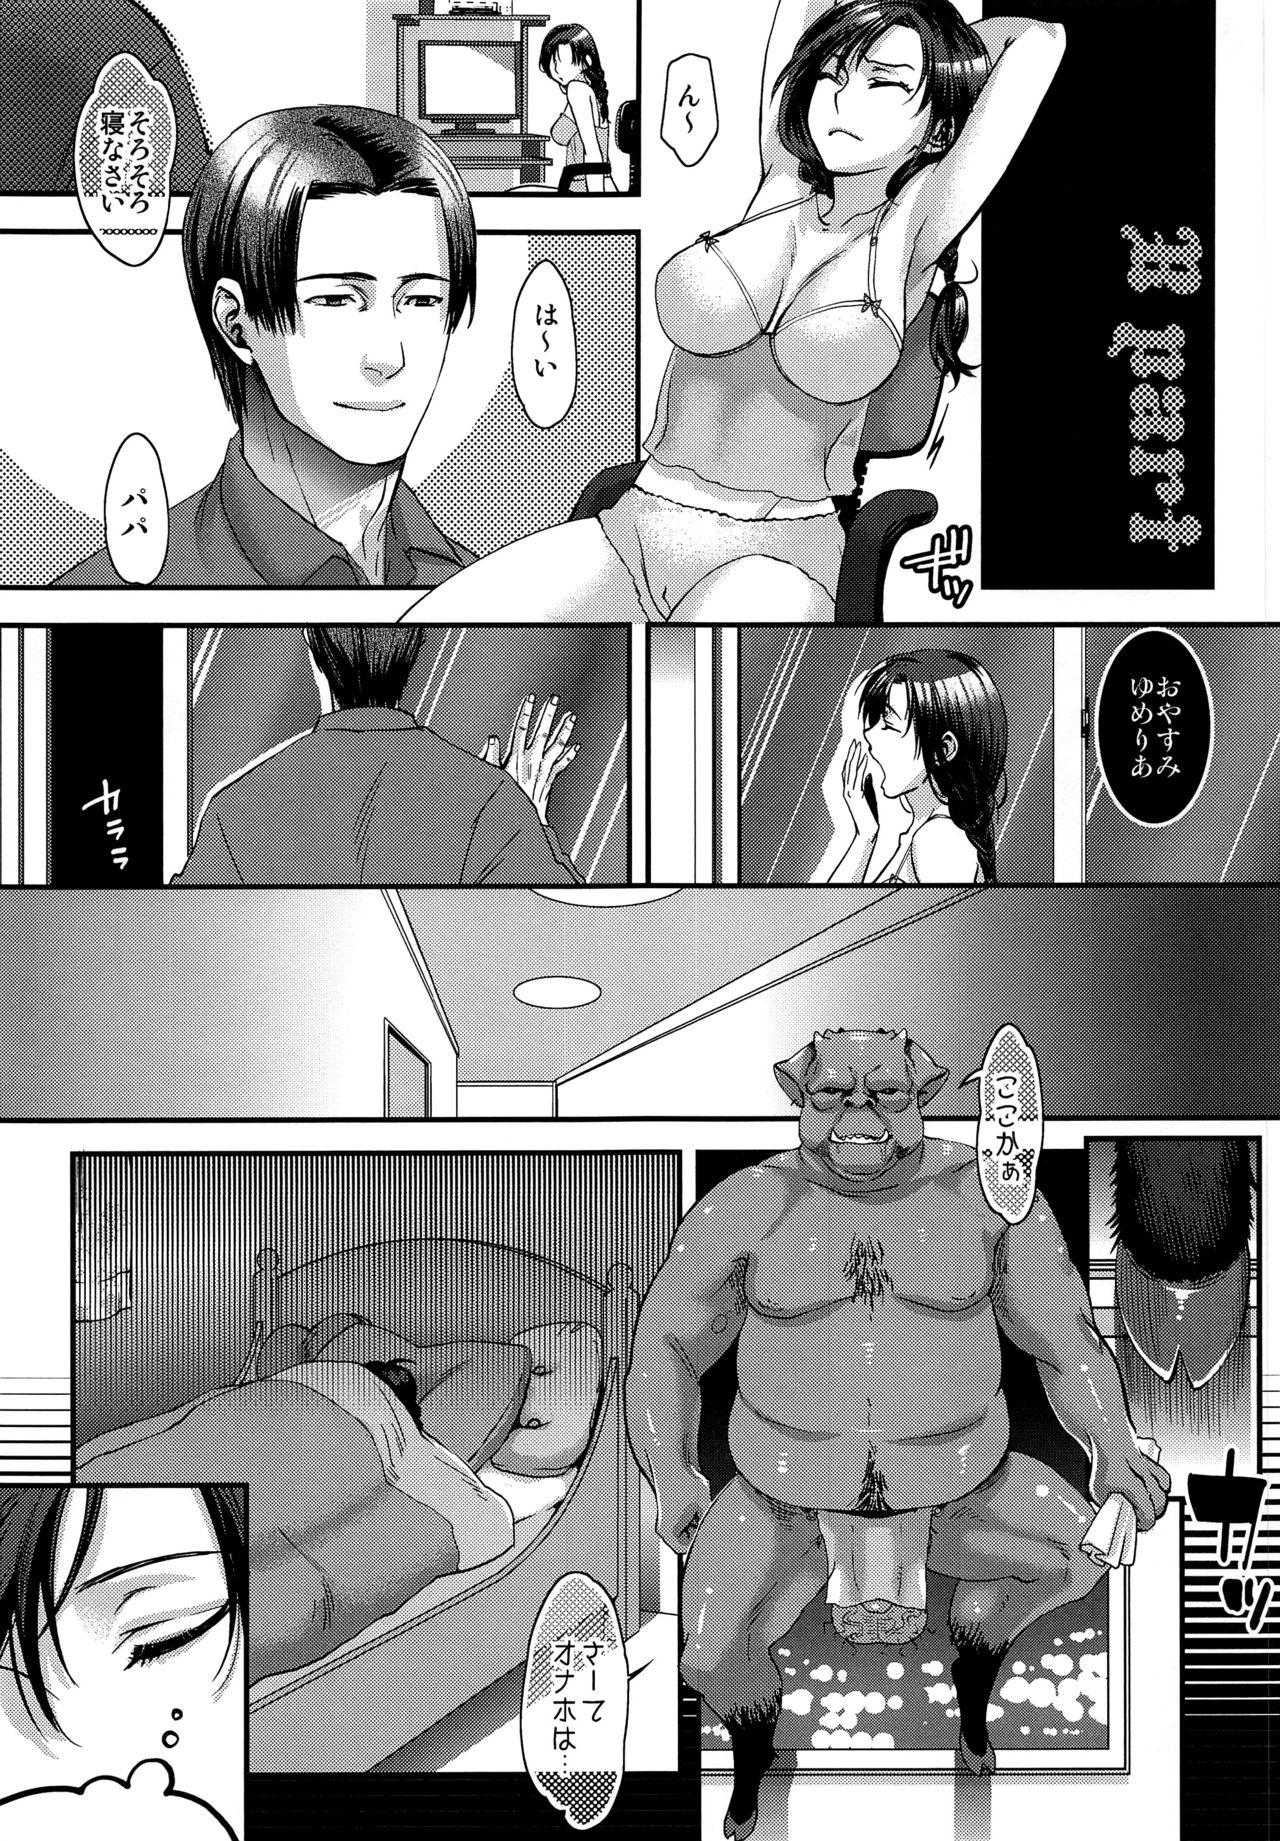 【エロ漫画・エロ同人】巨乳ヒロインが性獣と戦ってソッコー犯されてるwレイプされてるのを配信されて種付けセックスされちゃったwww (18)